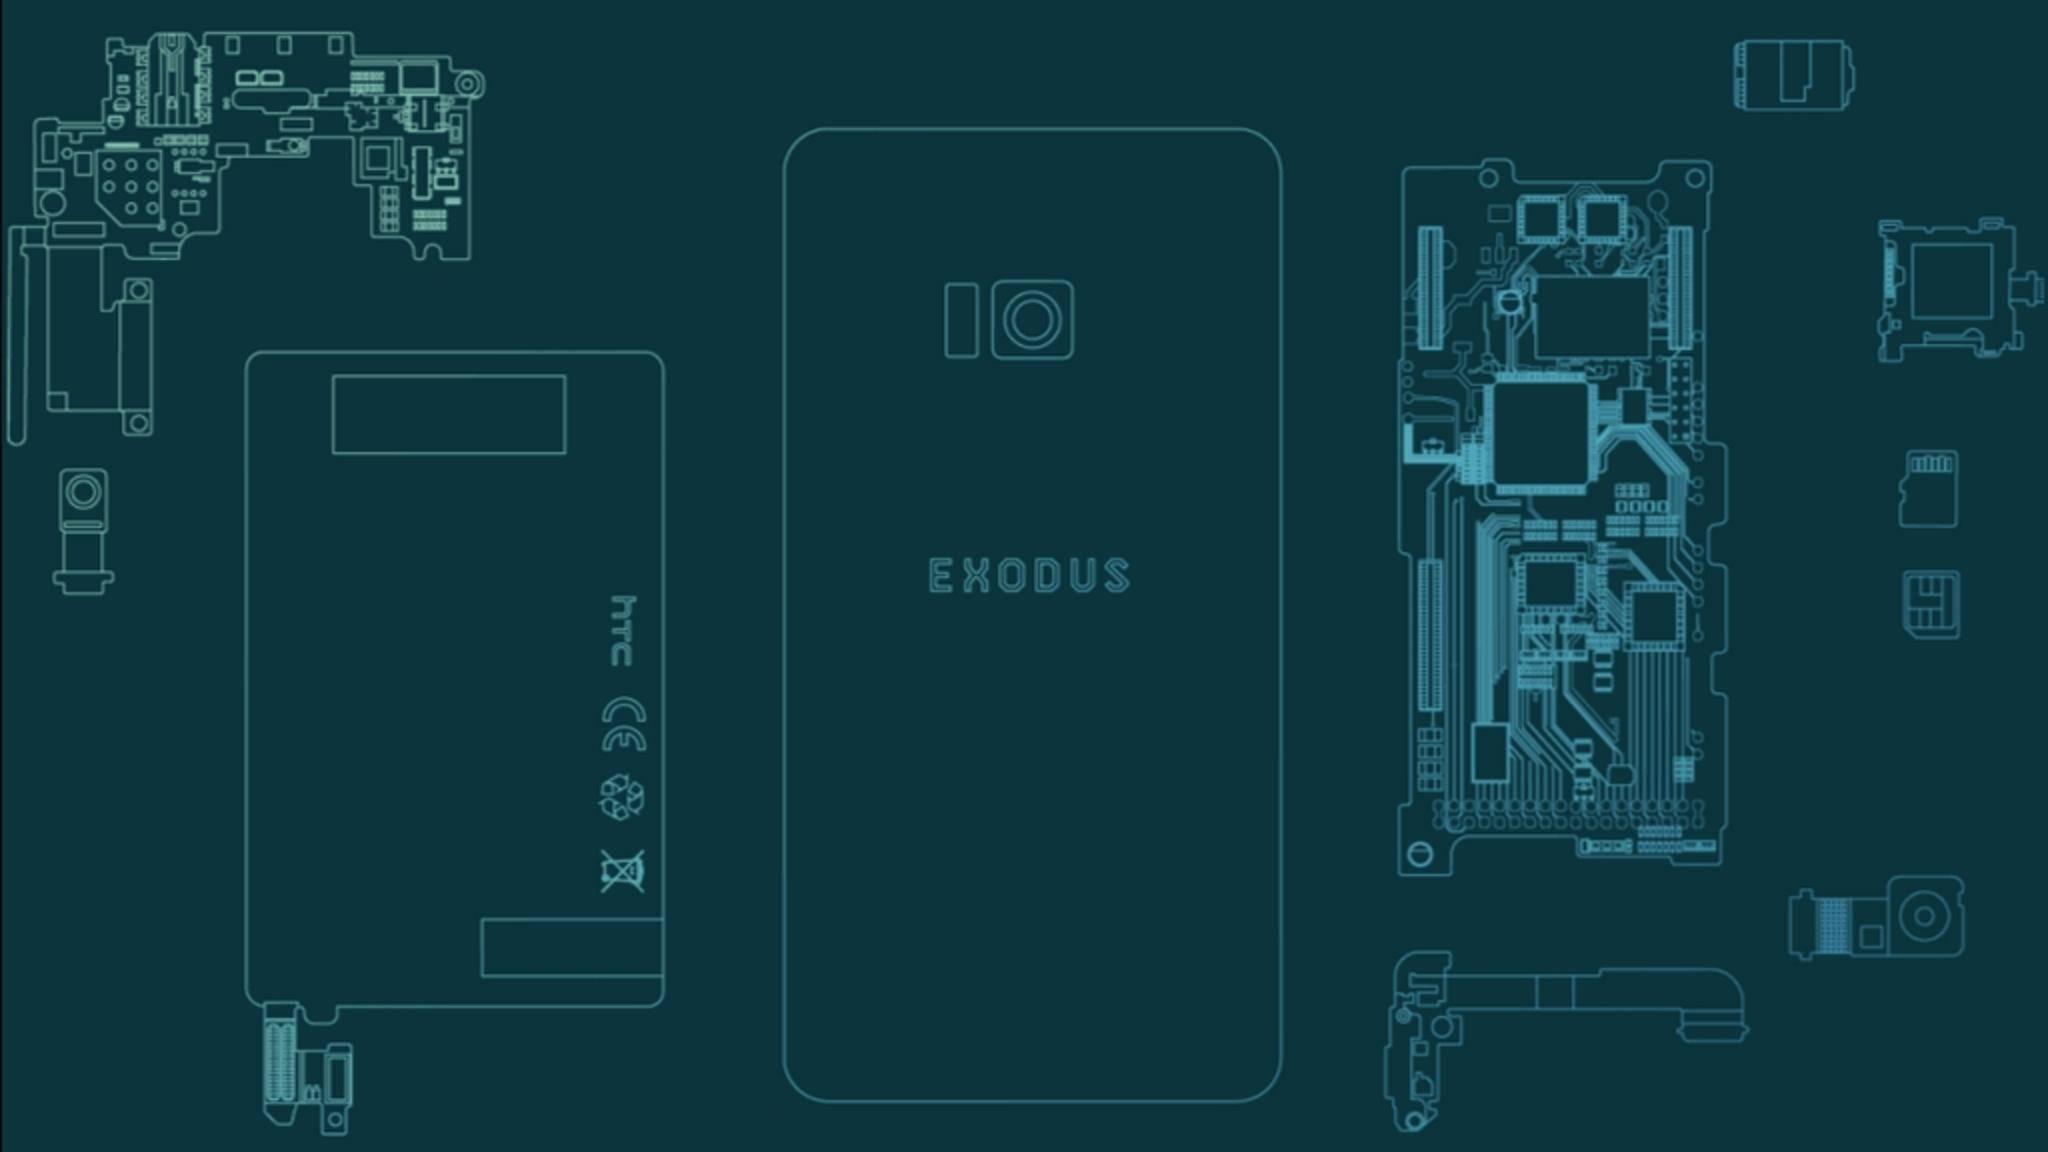 Wird am 22. Oktober offiziell enthüllt: Das Blockchain-Smartphone HTC Exodus.